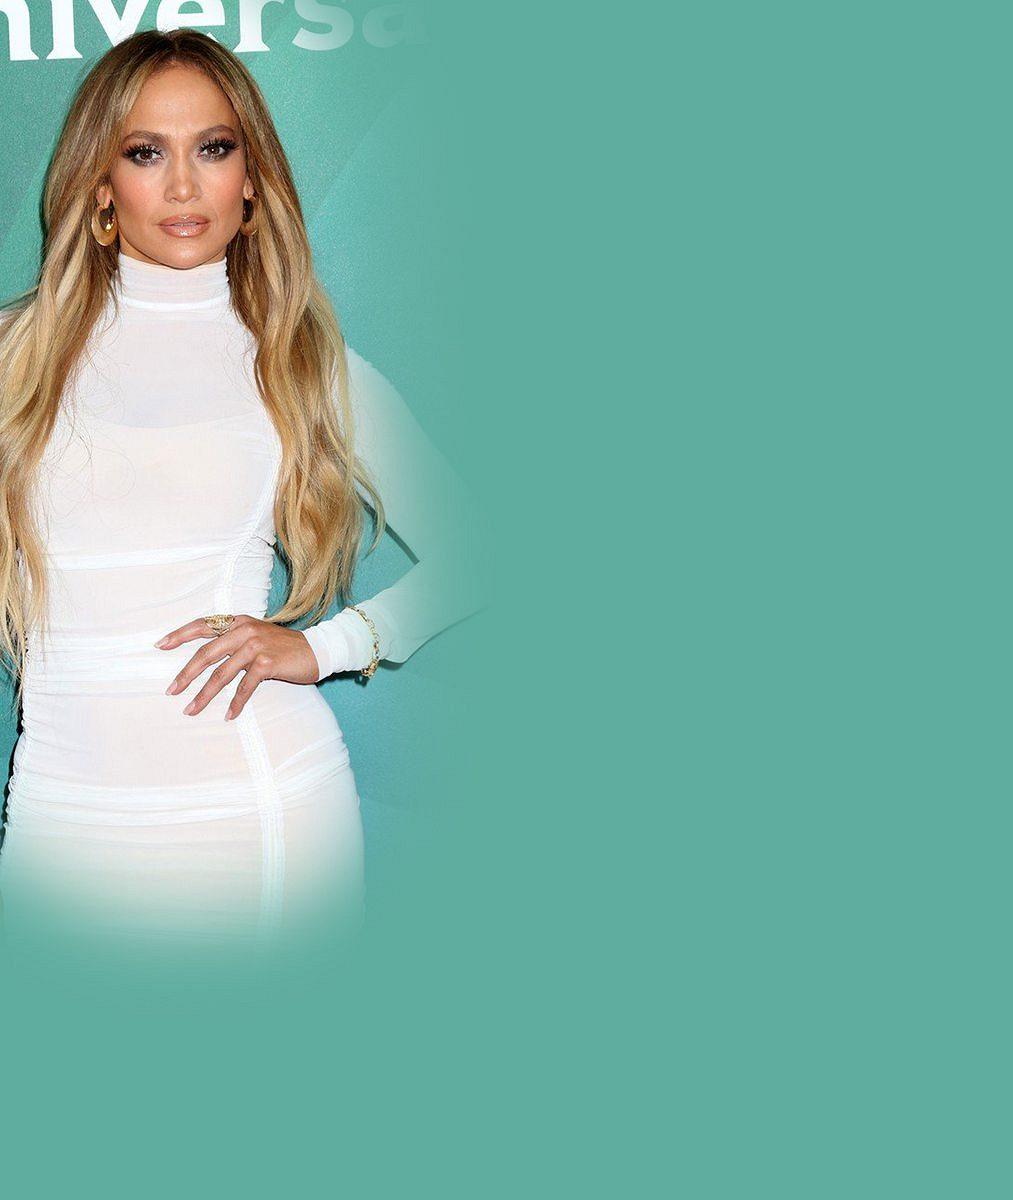 Dívat se na tohle sexy tělo nikdy neomrzí! Jennifer Lopez (49) vypadá vbikinách fantasticky